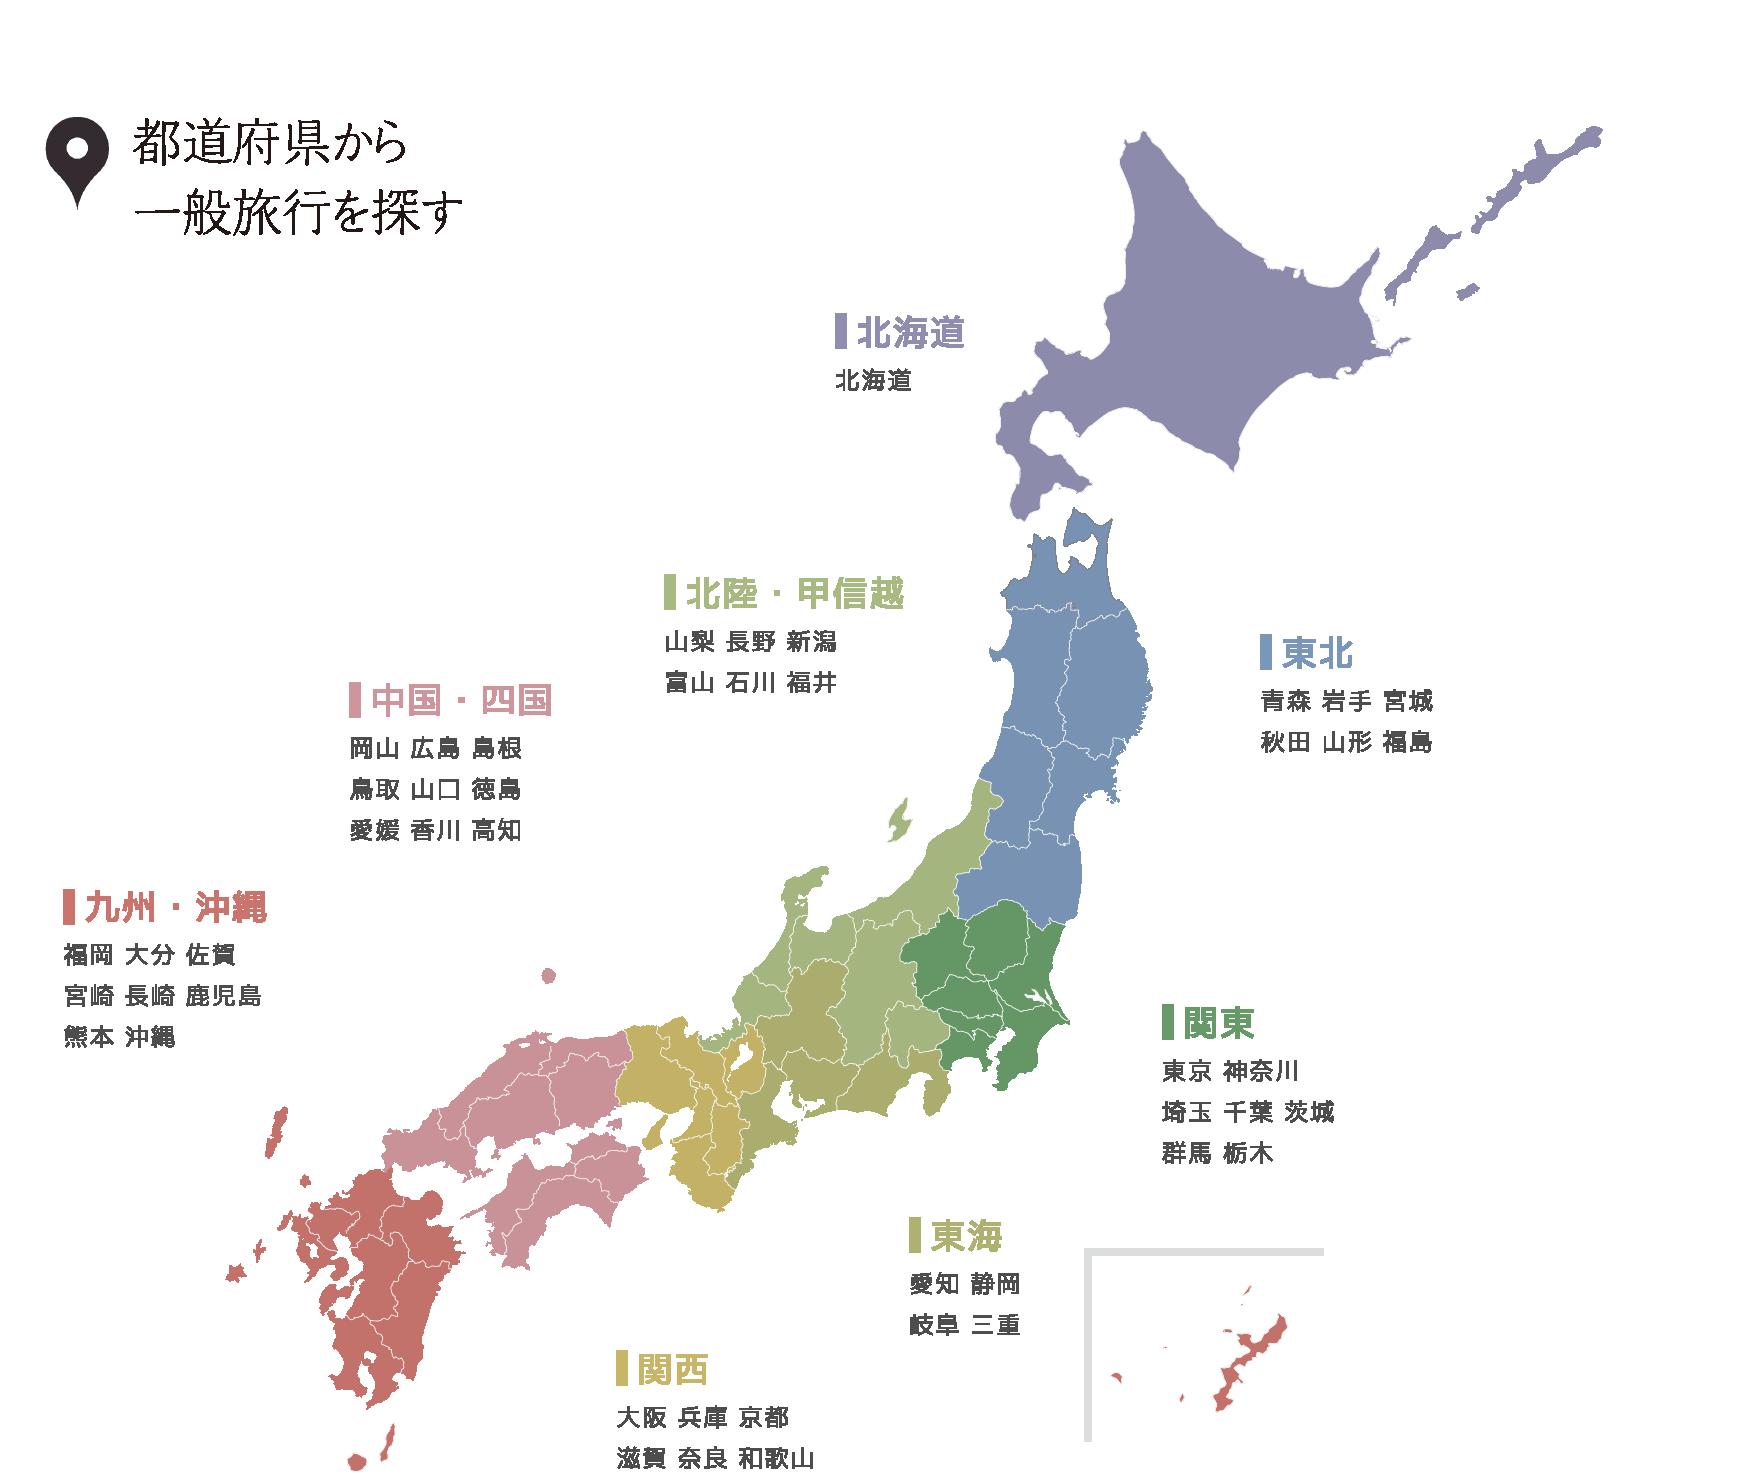 都道府県から一般旅行を探す